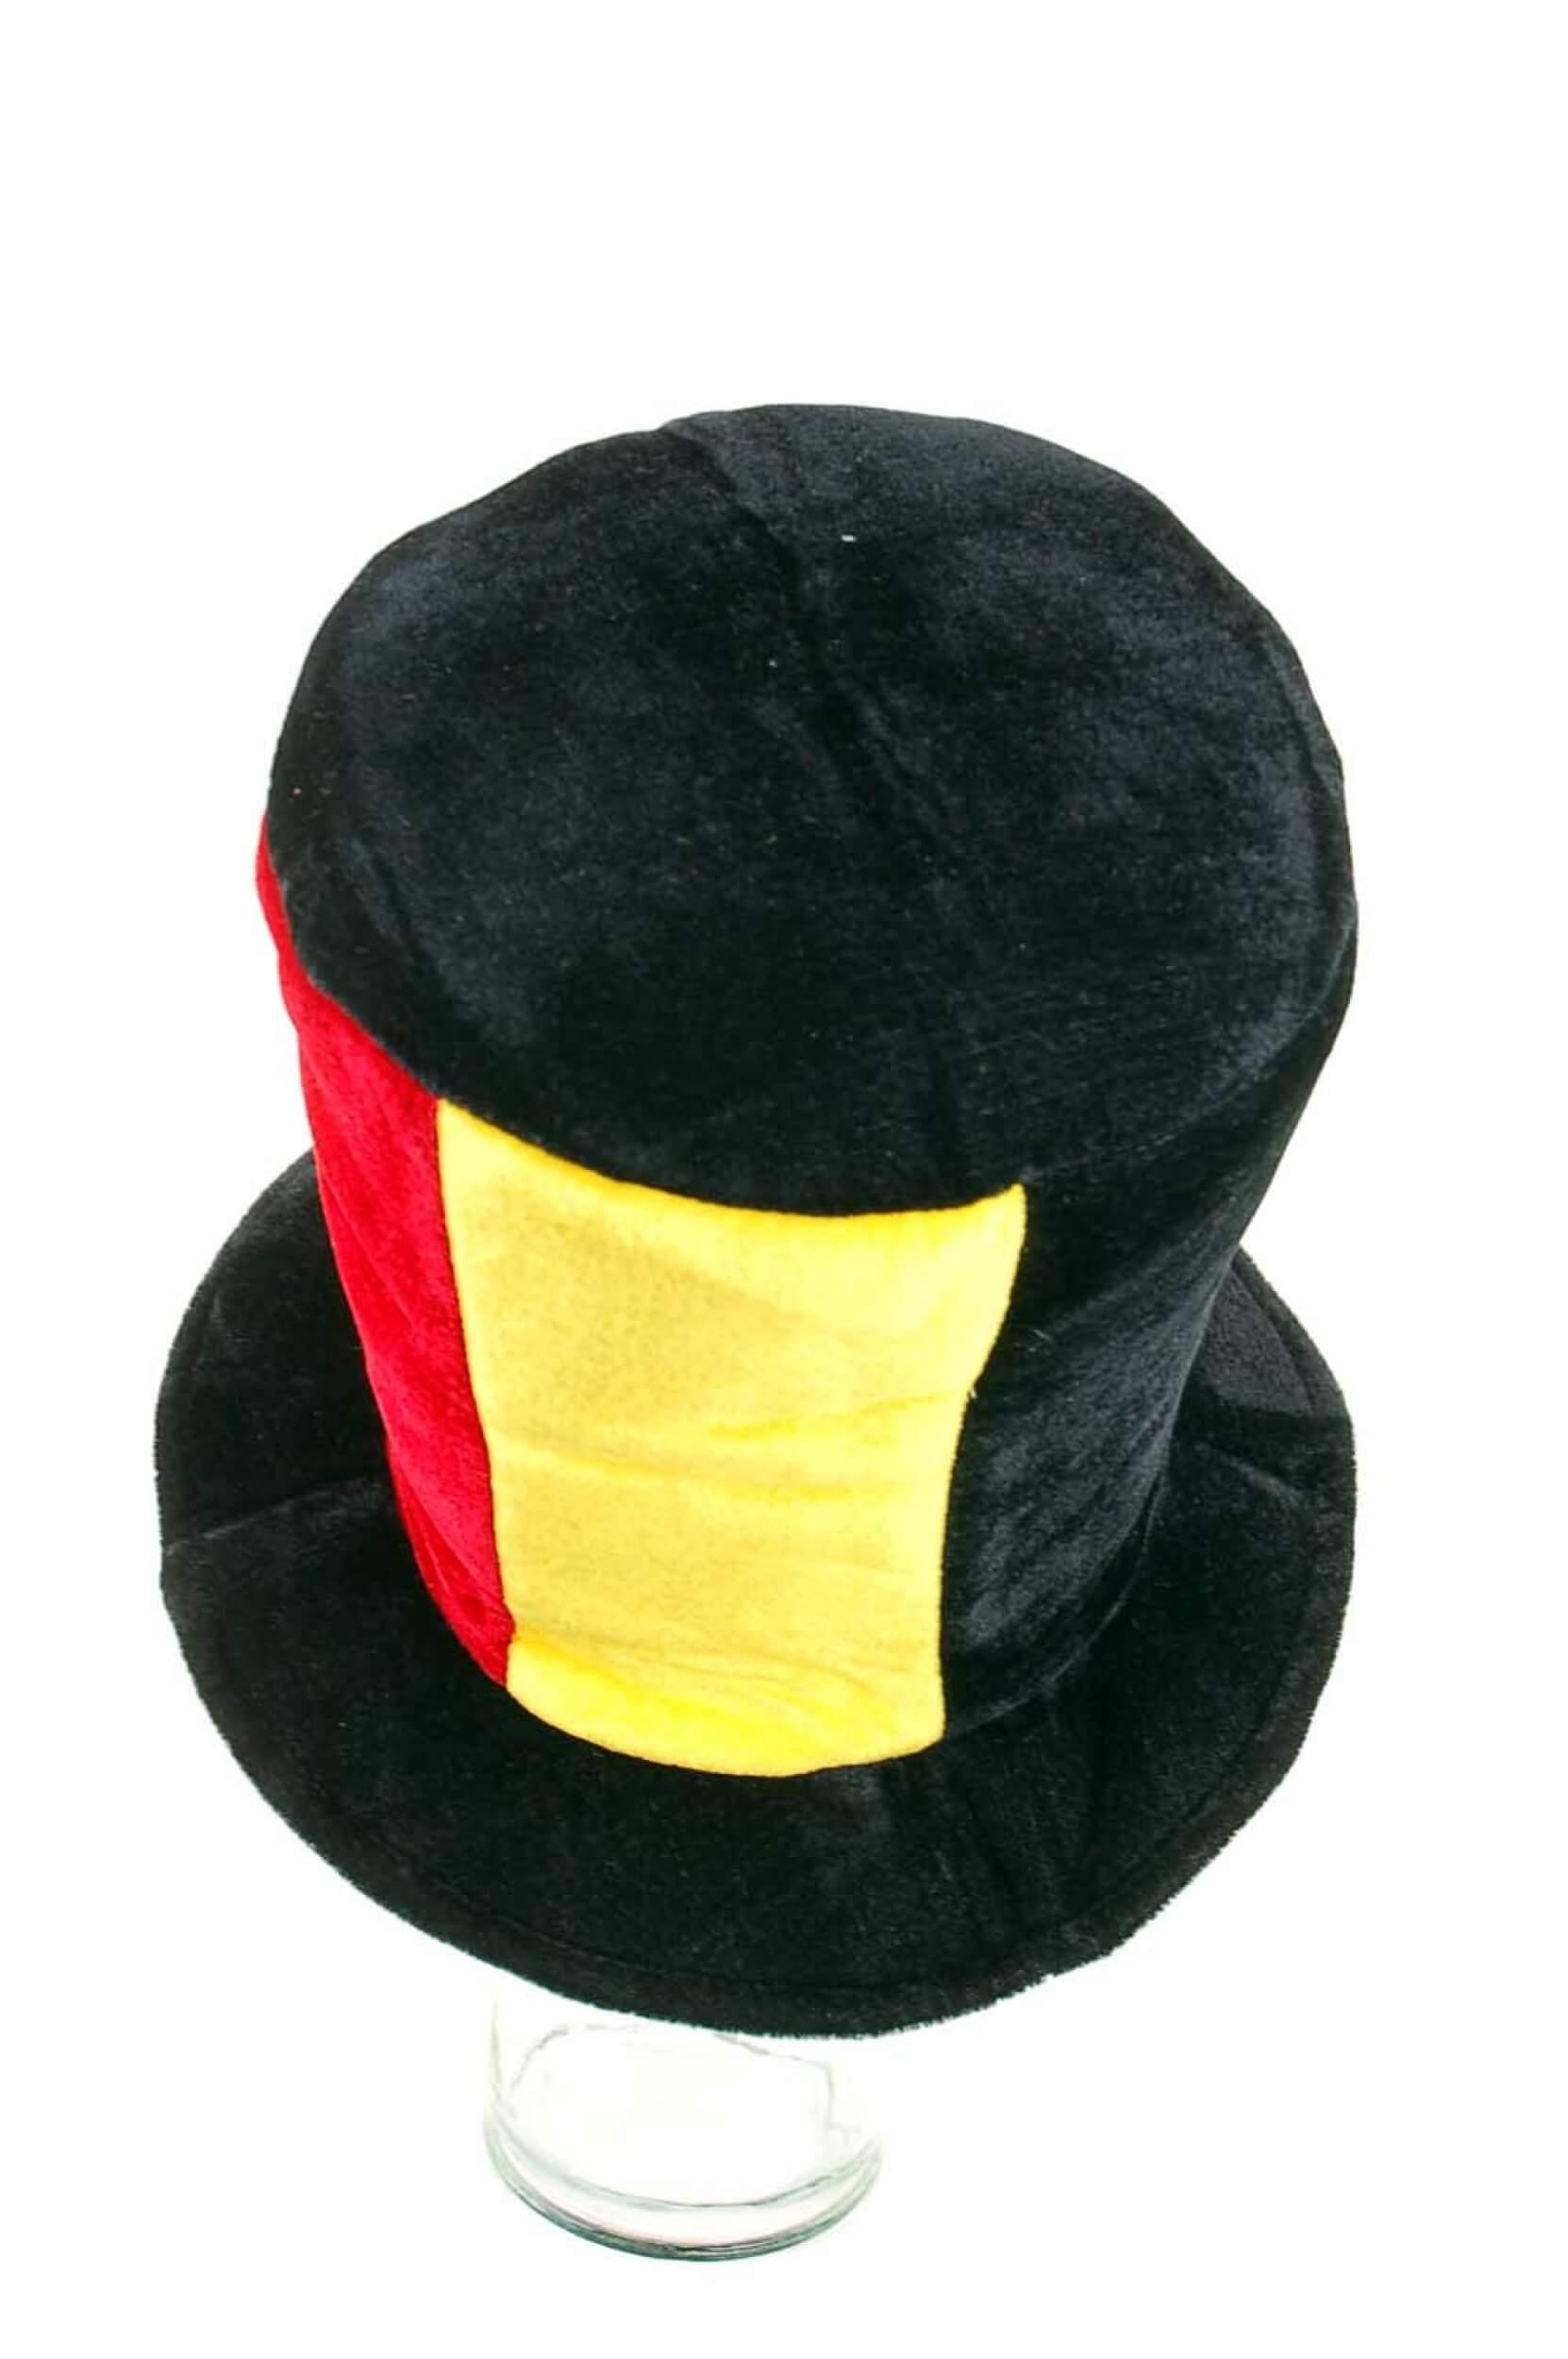 Zylinder Hut Deutschland schwarz rot gelber